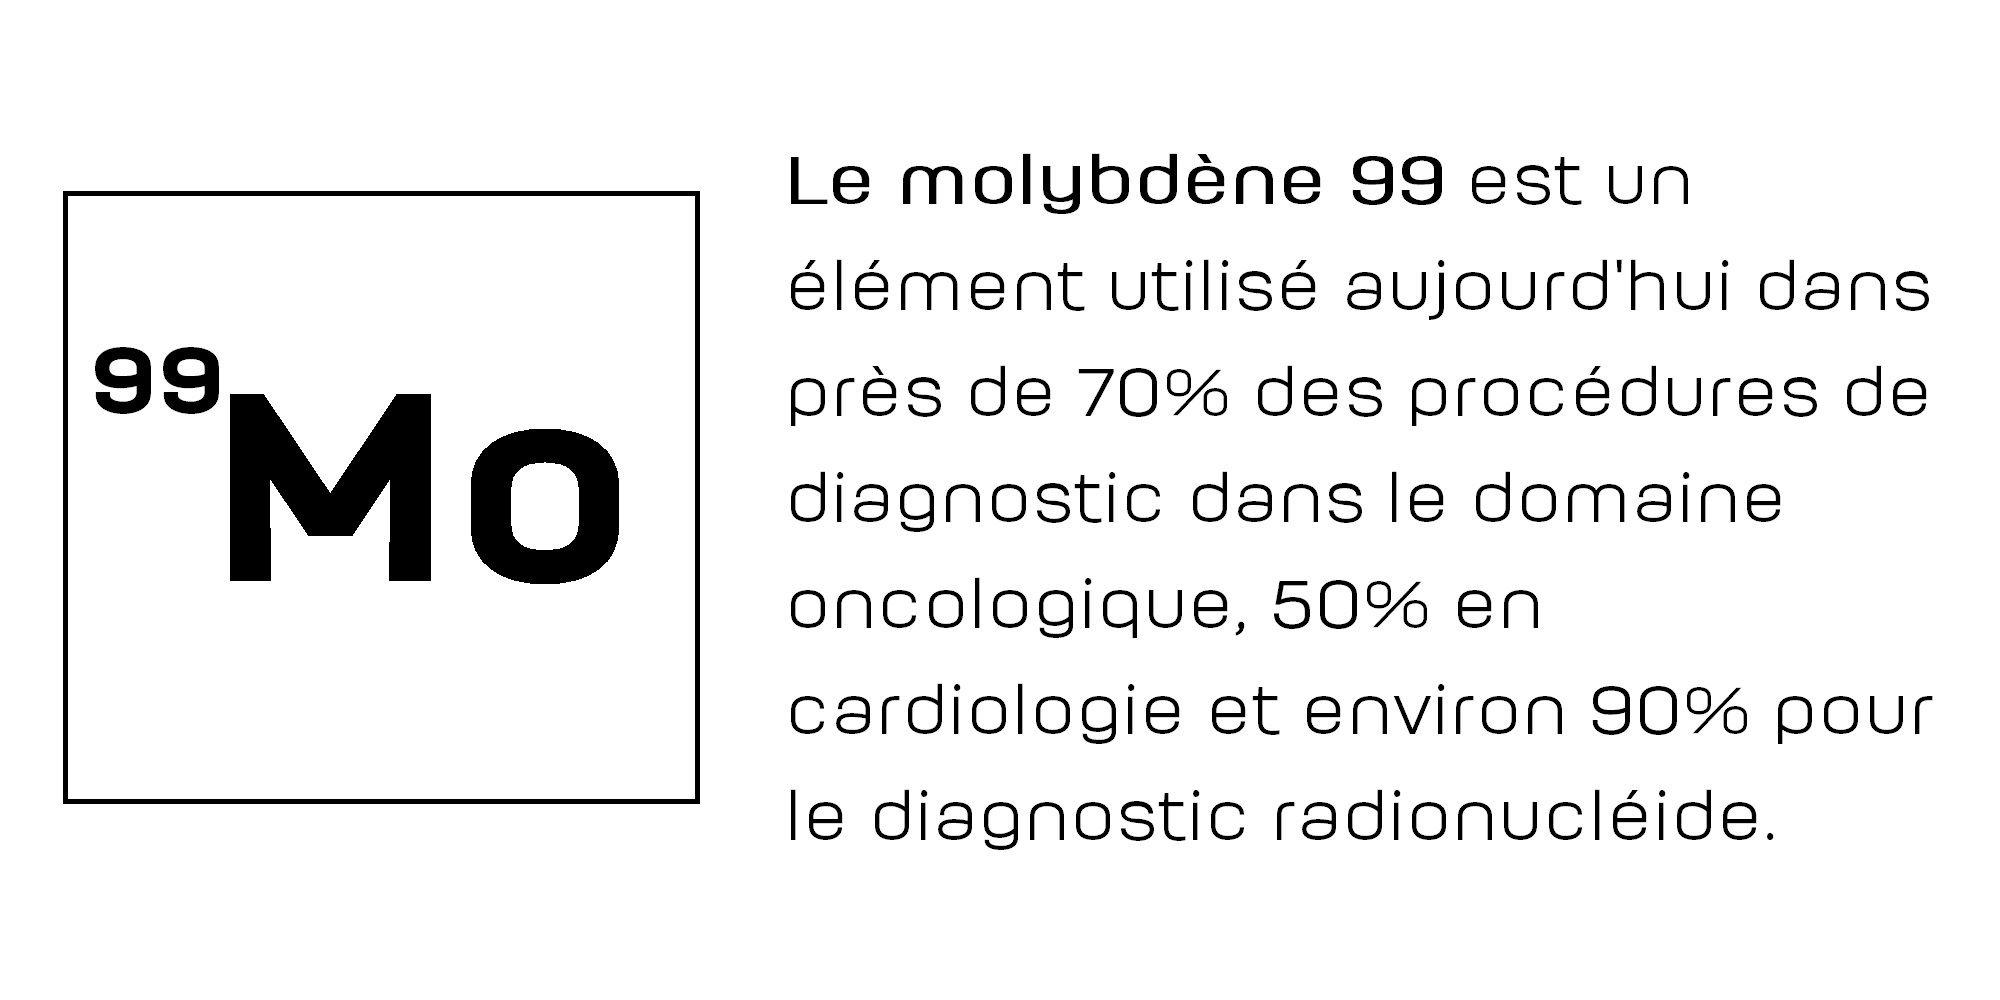 Molybdène 99